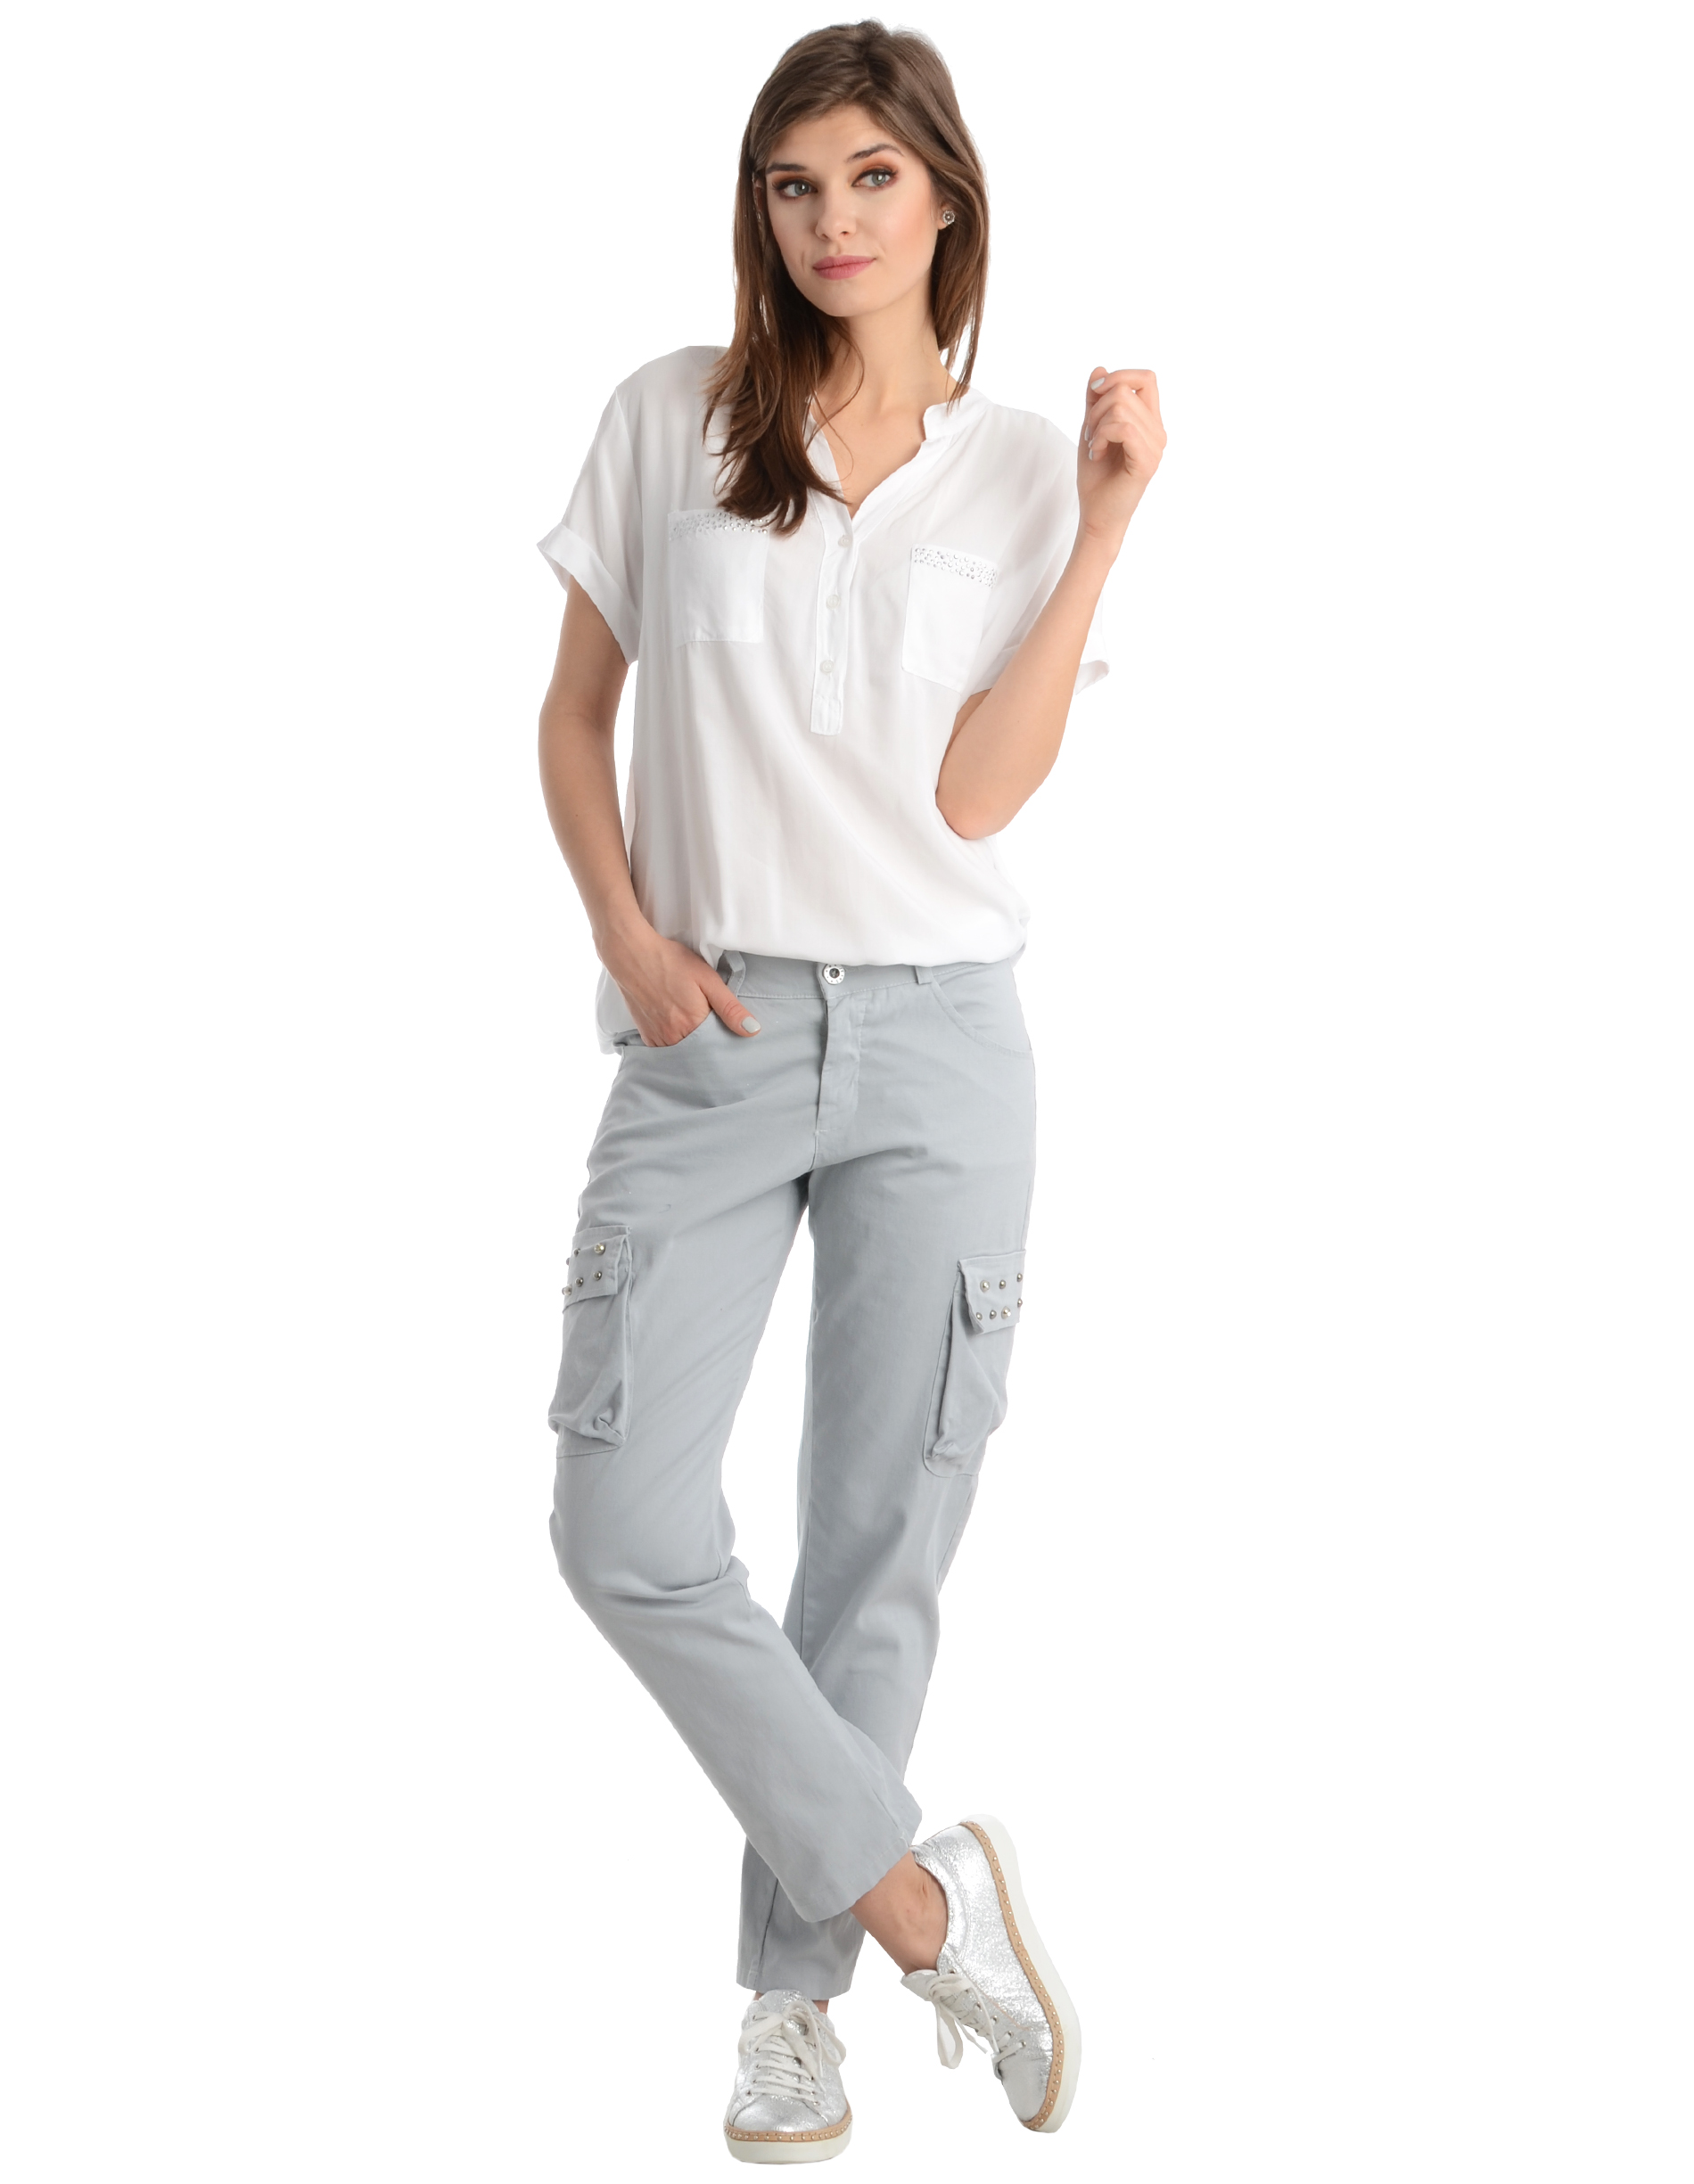 Spodnie - 137-CT150 PER - Unisono